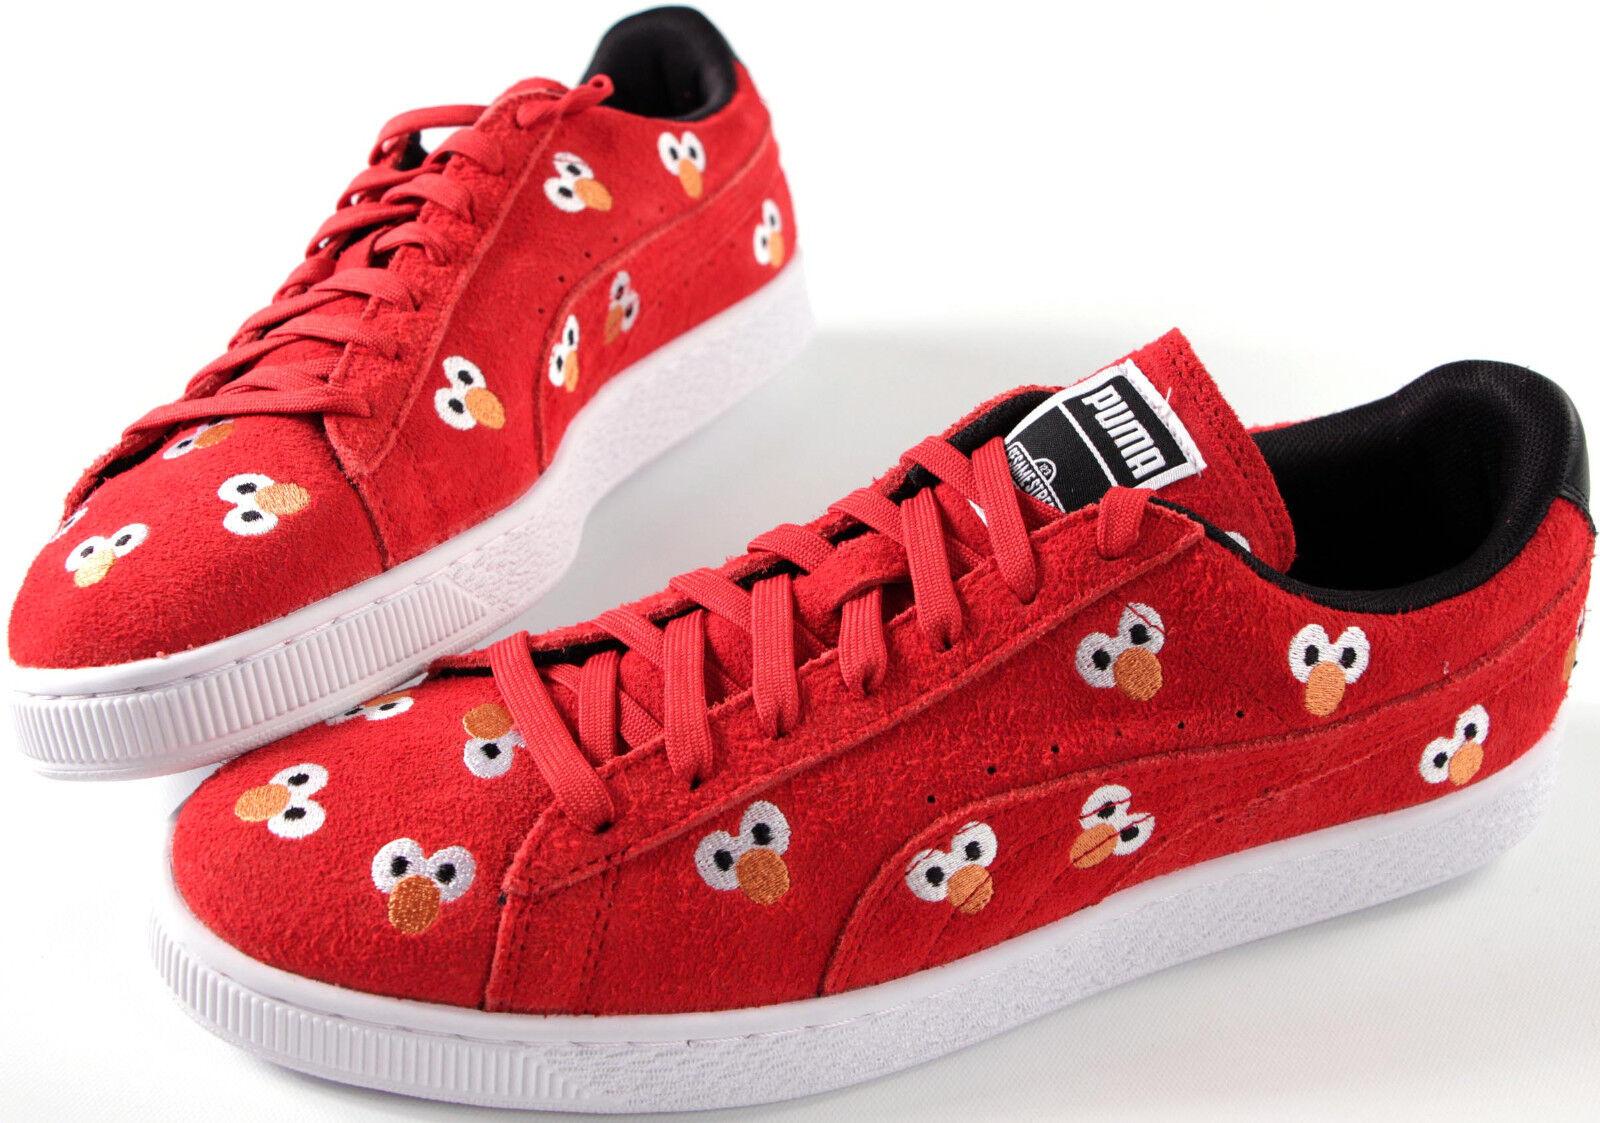 PUMA x Sesame Steet ELMO Suede Classics- 12- NEW- Rare red Shoes /Scarpe da Ginnastica-